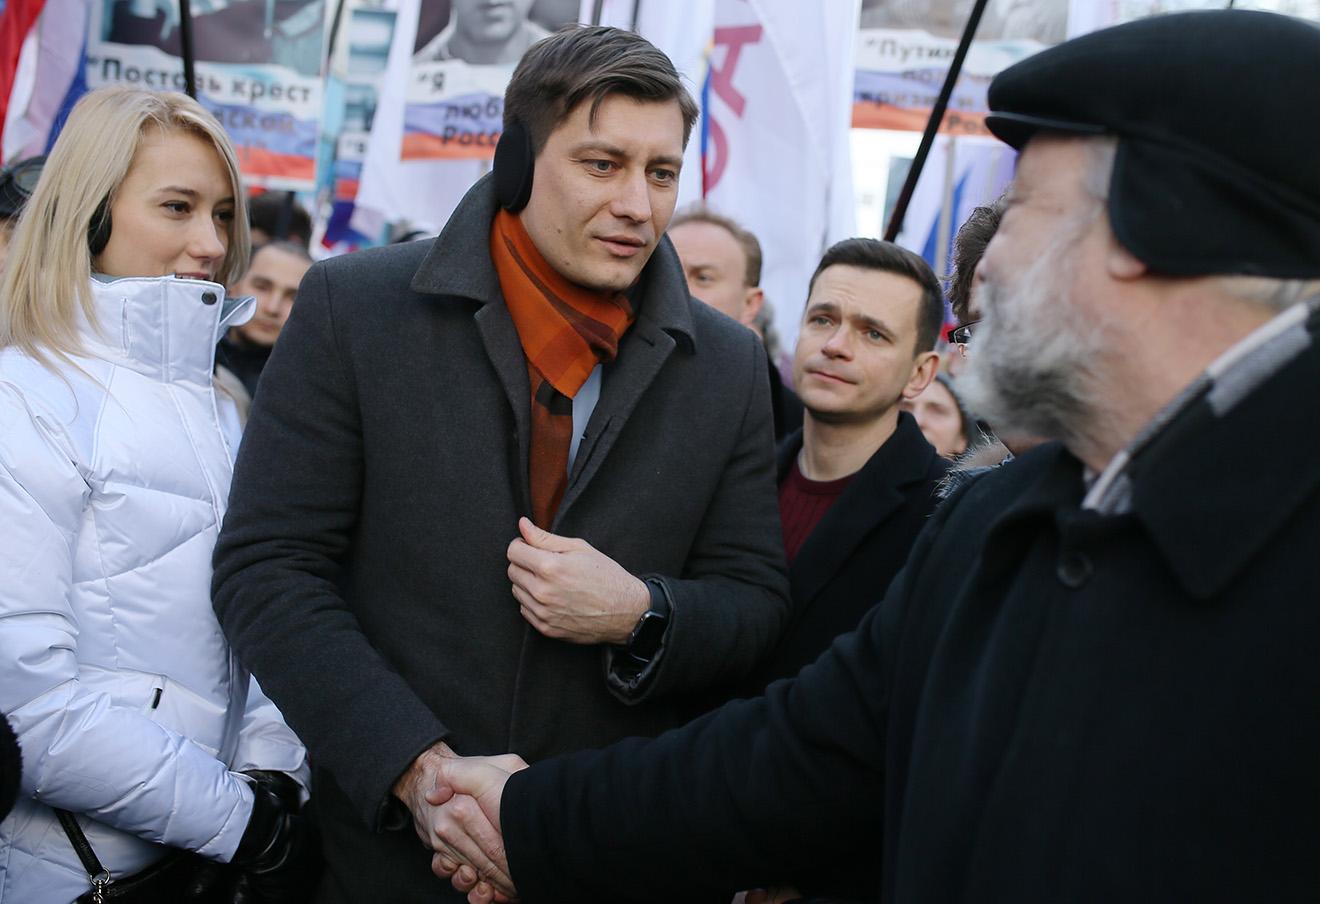 Дмитрий Гудков на акции памяти Бориса Немцова в Москве, 27 февраля 2016 года.